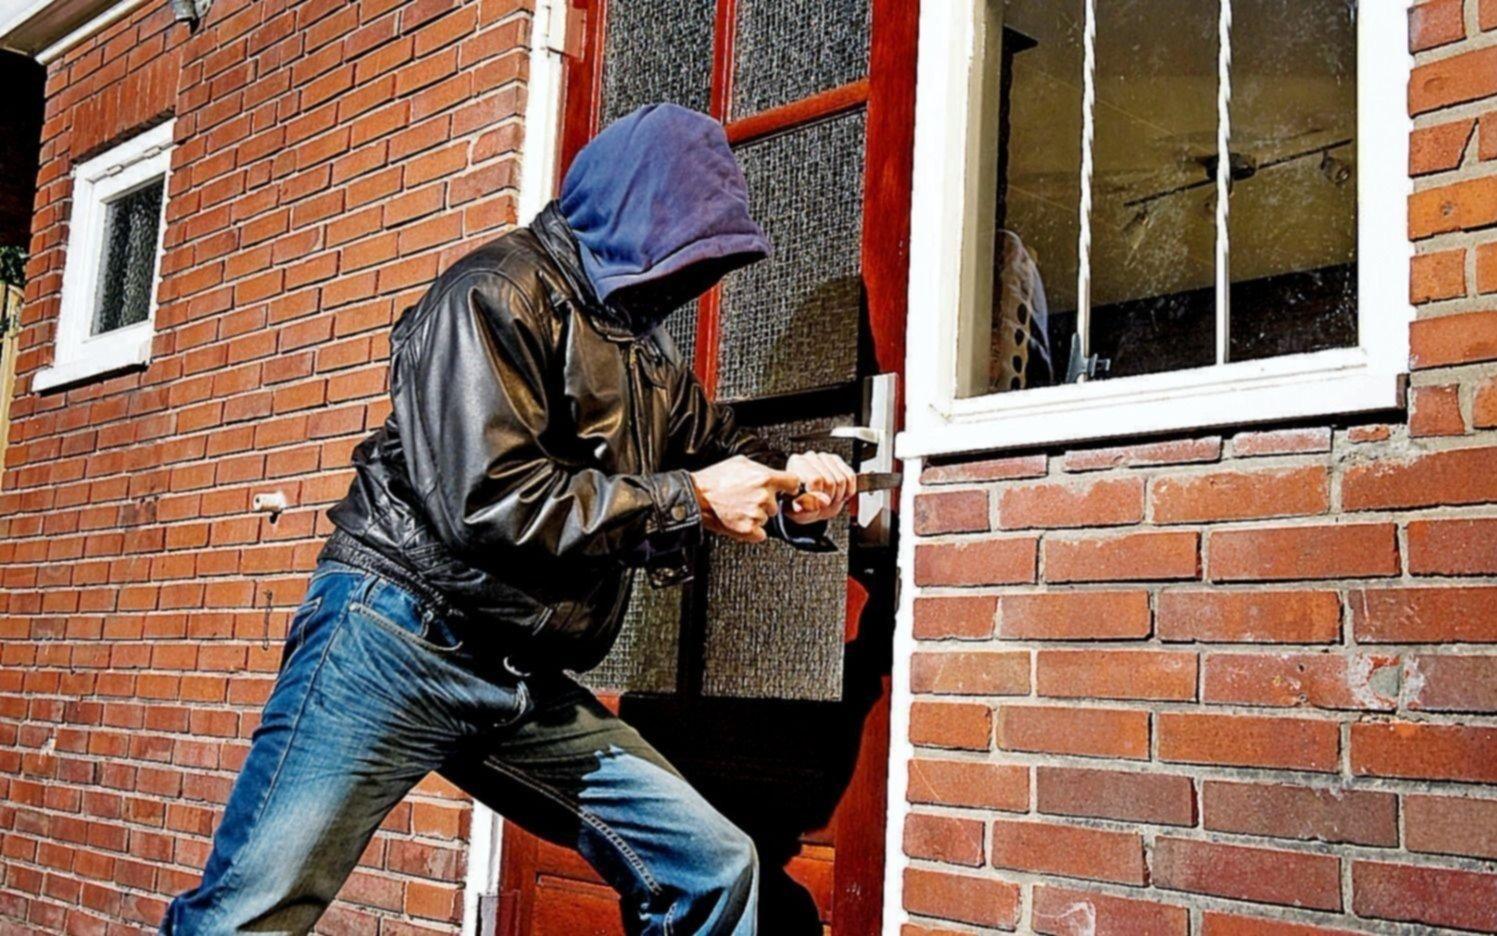 Estado de alerta en los barrios por el auge delictivo